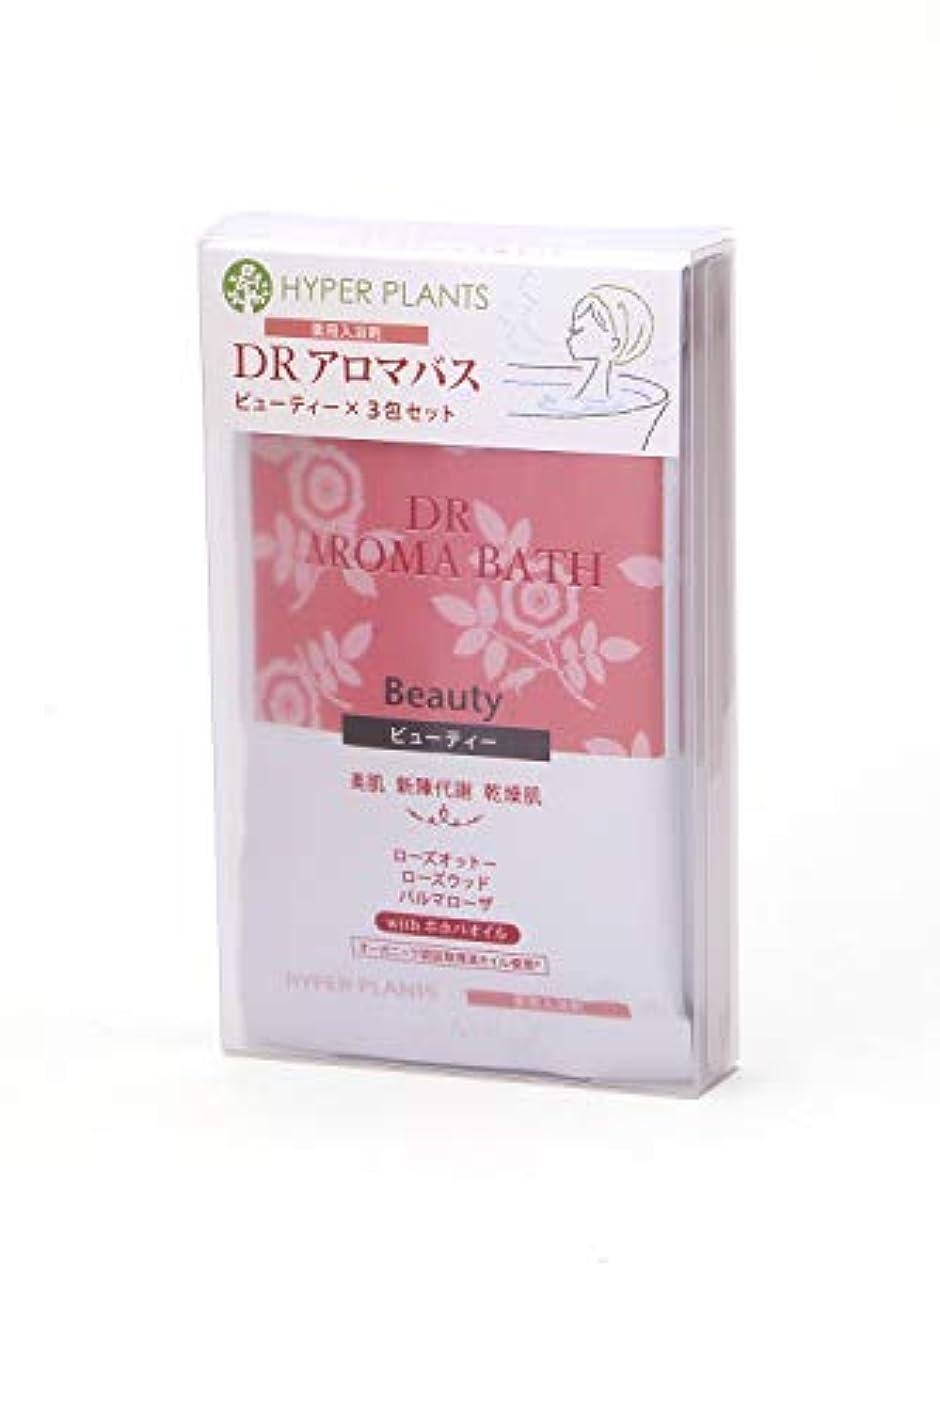 医薬部外品 薬用入浴剤 ハイパープランツ DRアロマバス ビューティー 3包セット